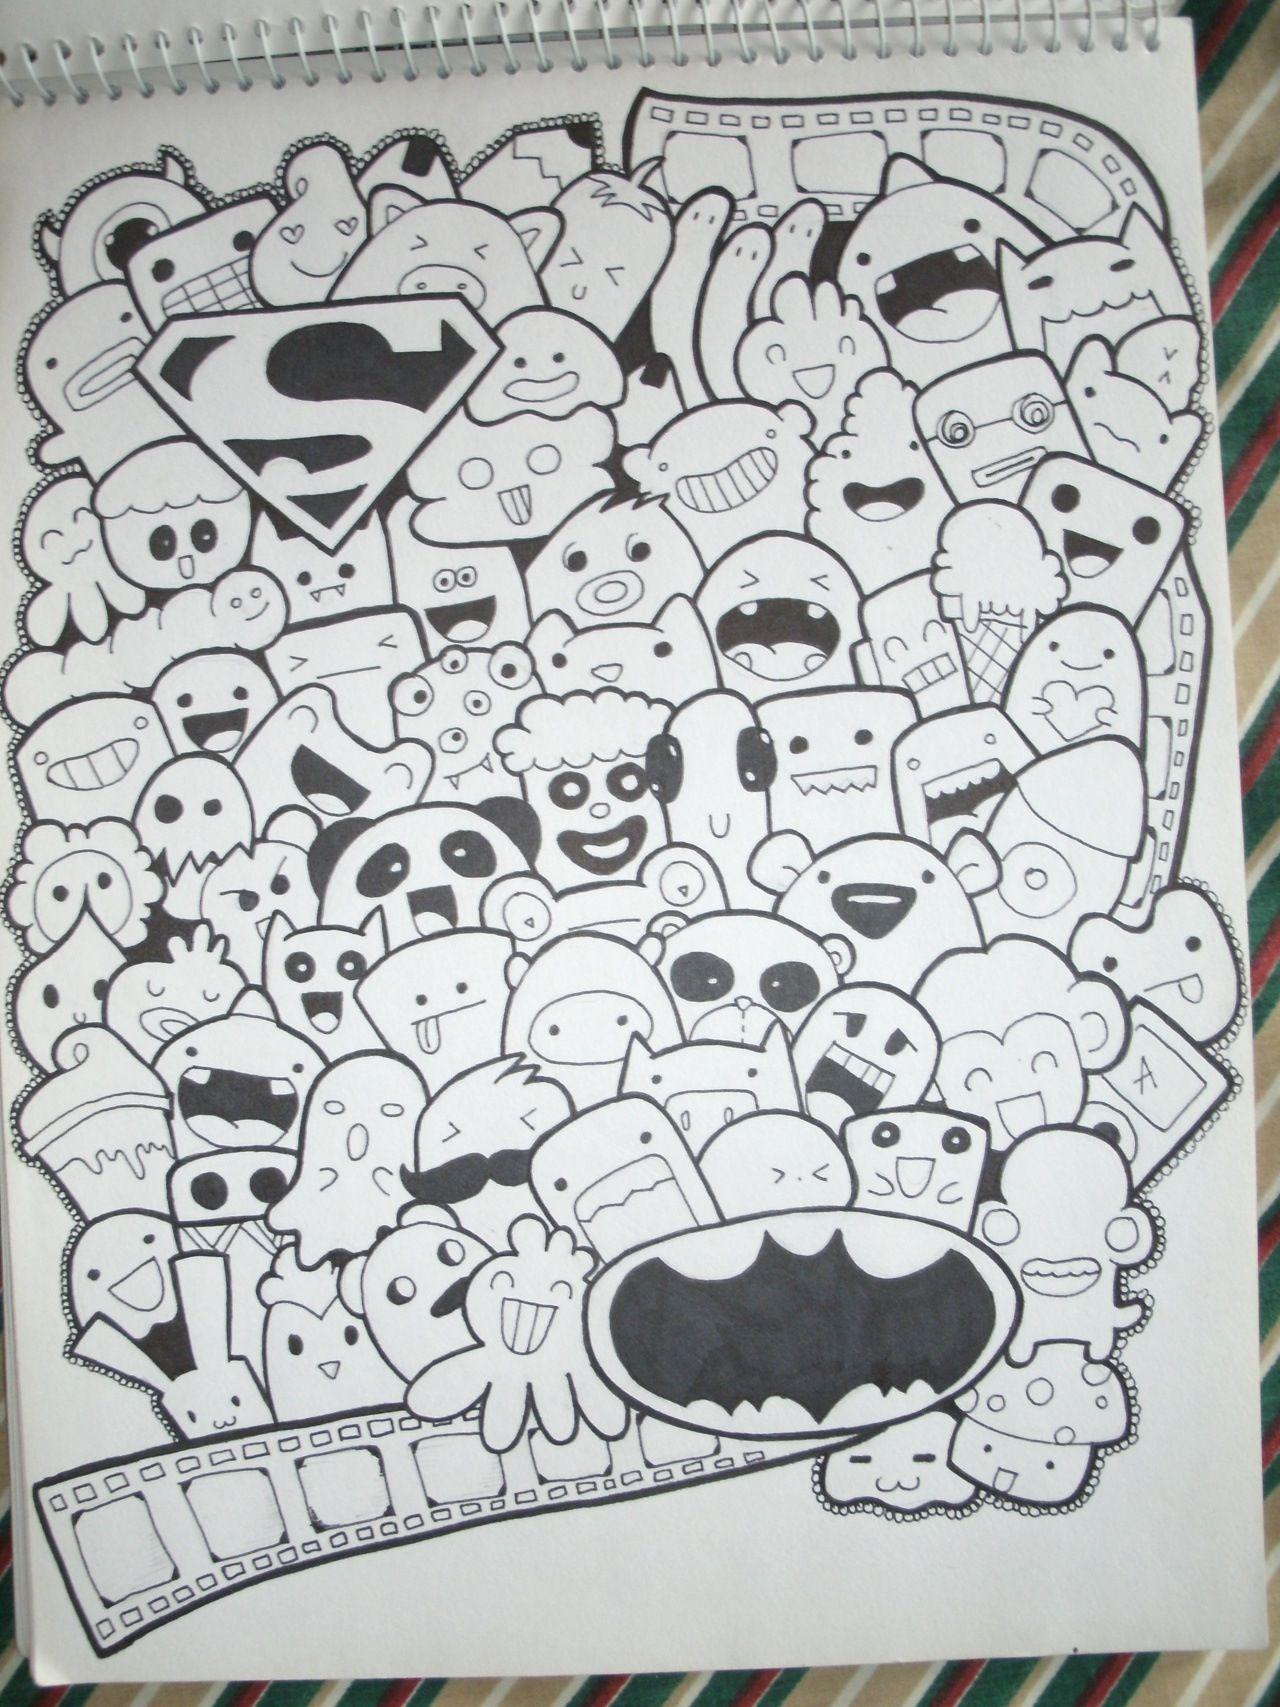 Doodles   doodle   Pinterest   Doodles